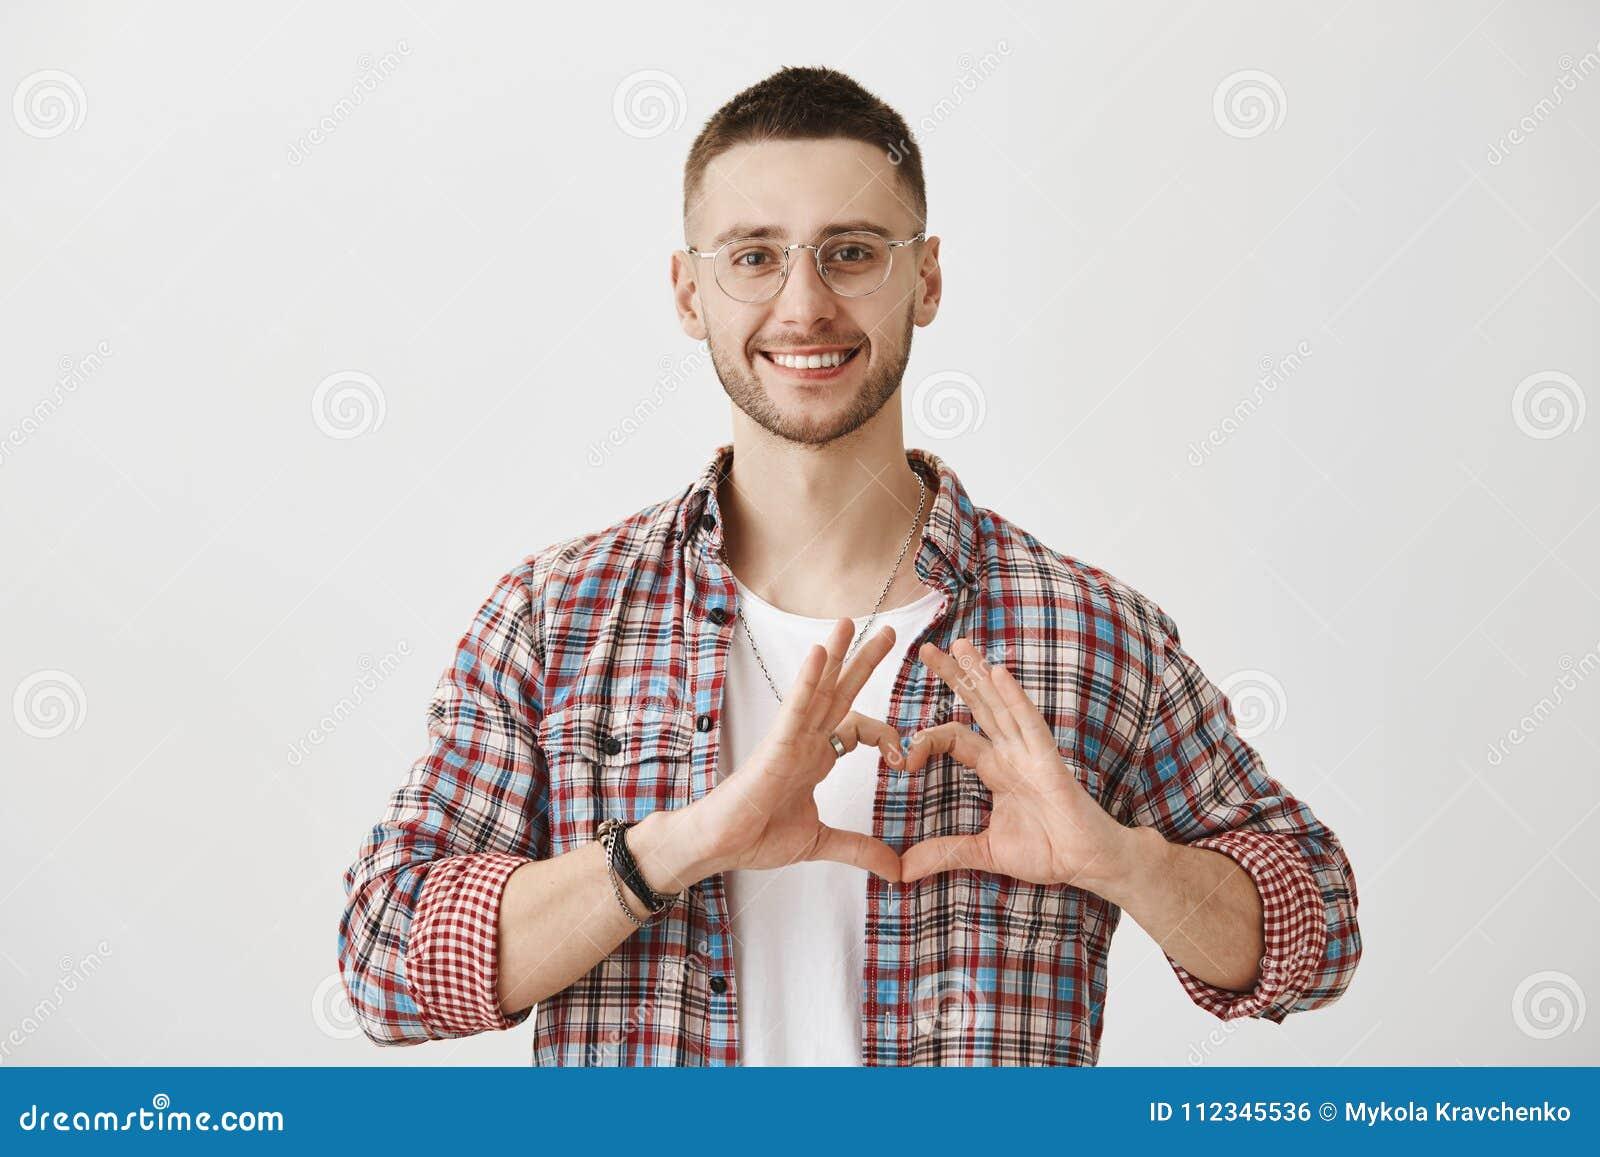 Szczęśliwy być w miłości z tobą Studio strzał atrakcyjny zwyczajny facet w szkłach pokazuje serce podpisuje klatkę piersiową, ono